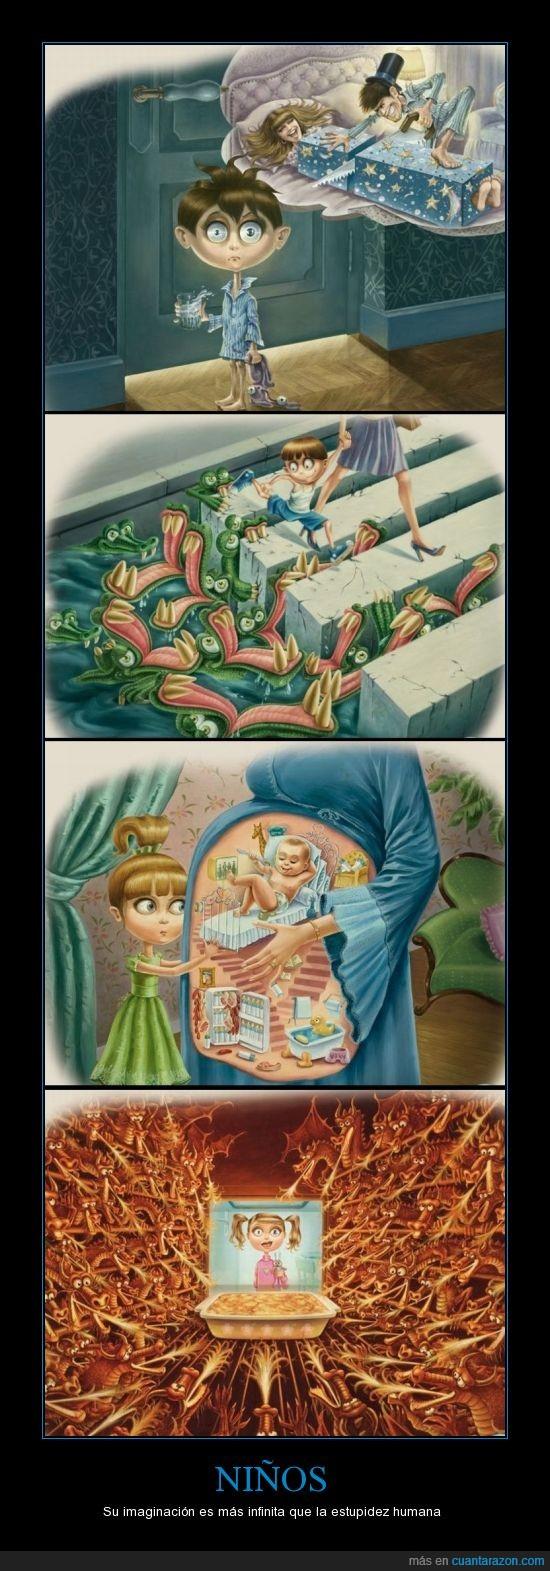 cosas que uno va perdiendo,grandeza,imaginacion,niños